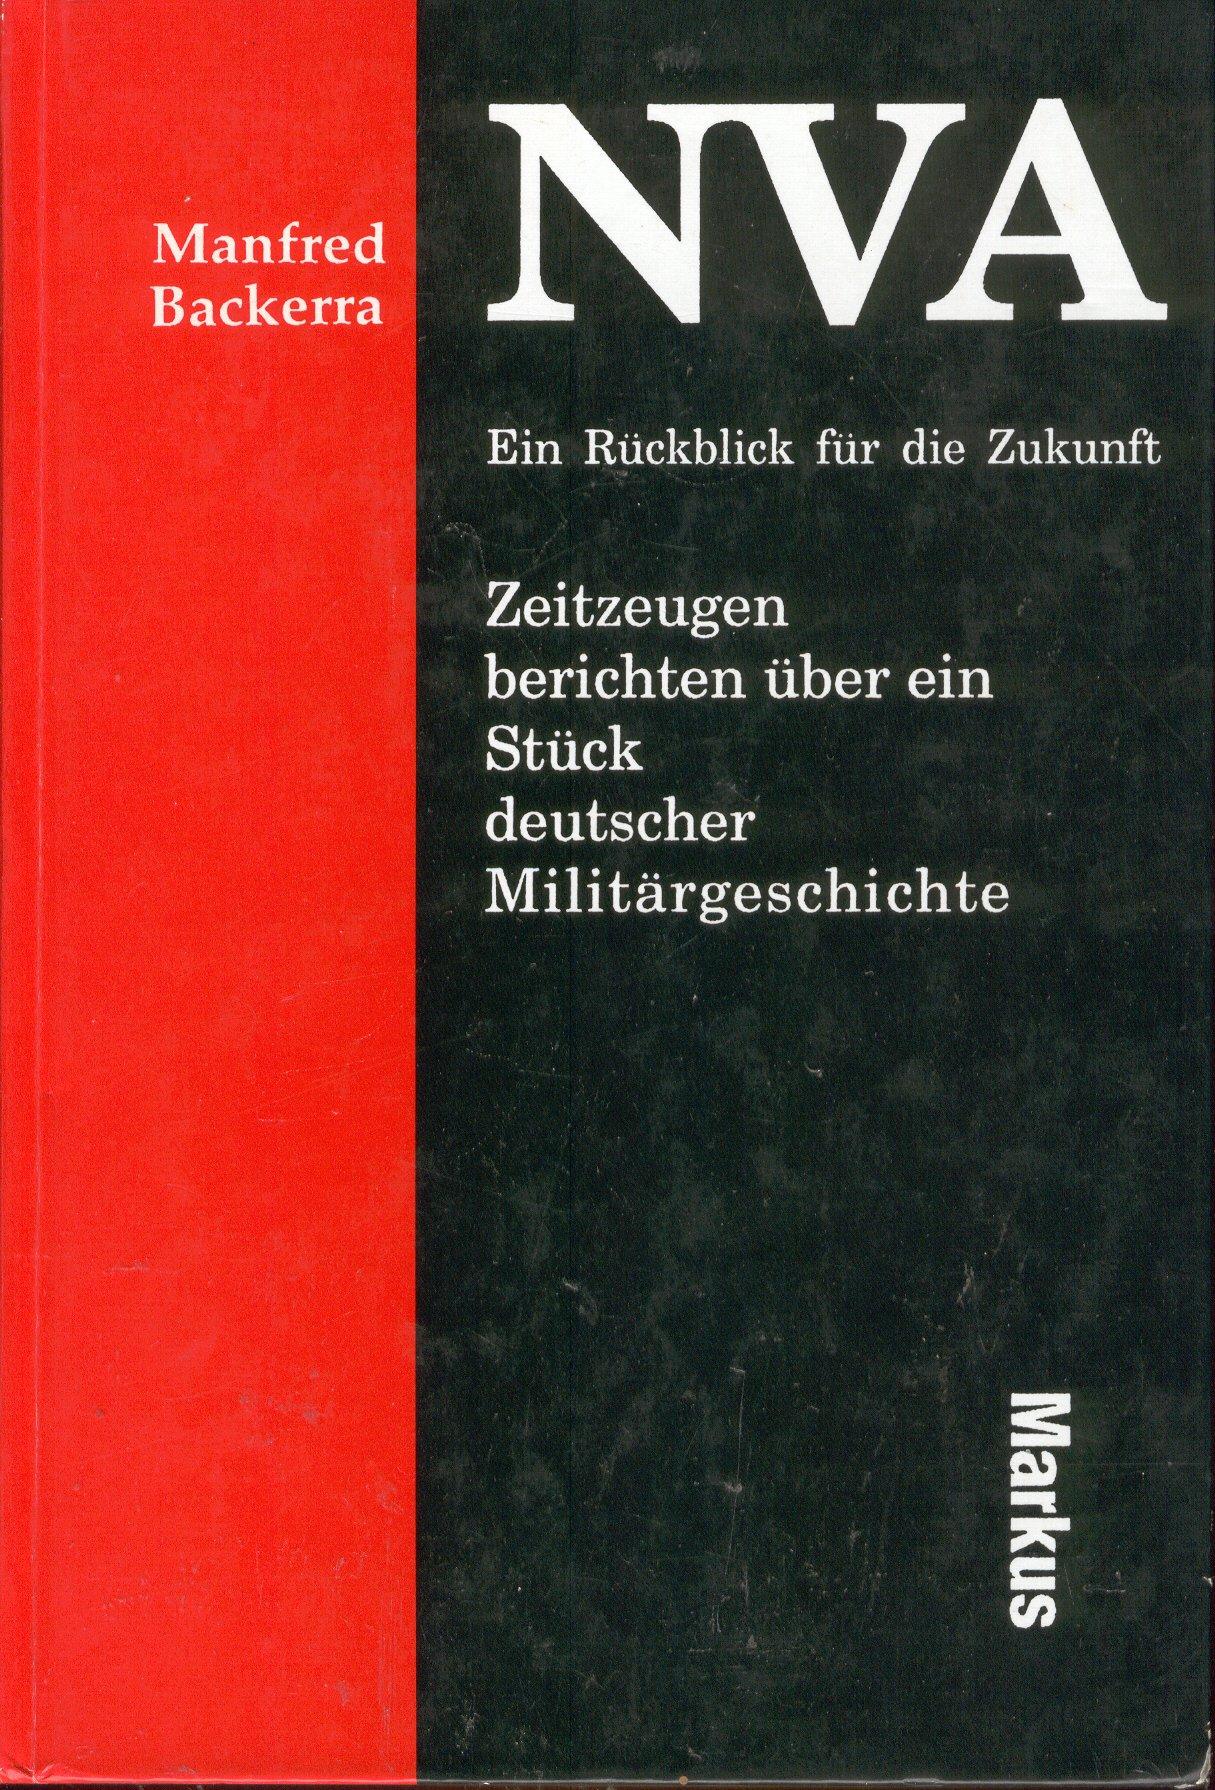 NVA - Ein Rückblick für die Zukunft. 10 Zeitzeugen berichten über ein Stück deutscher Militärgeschichte